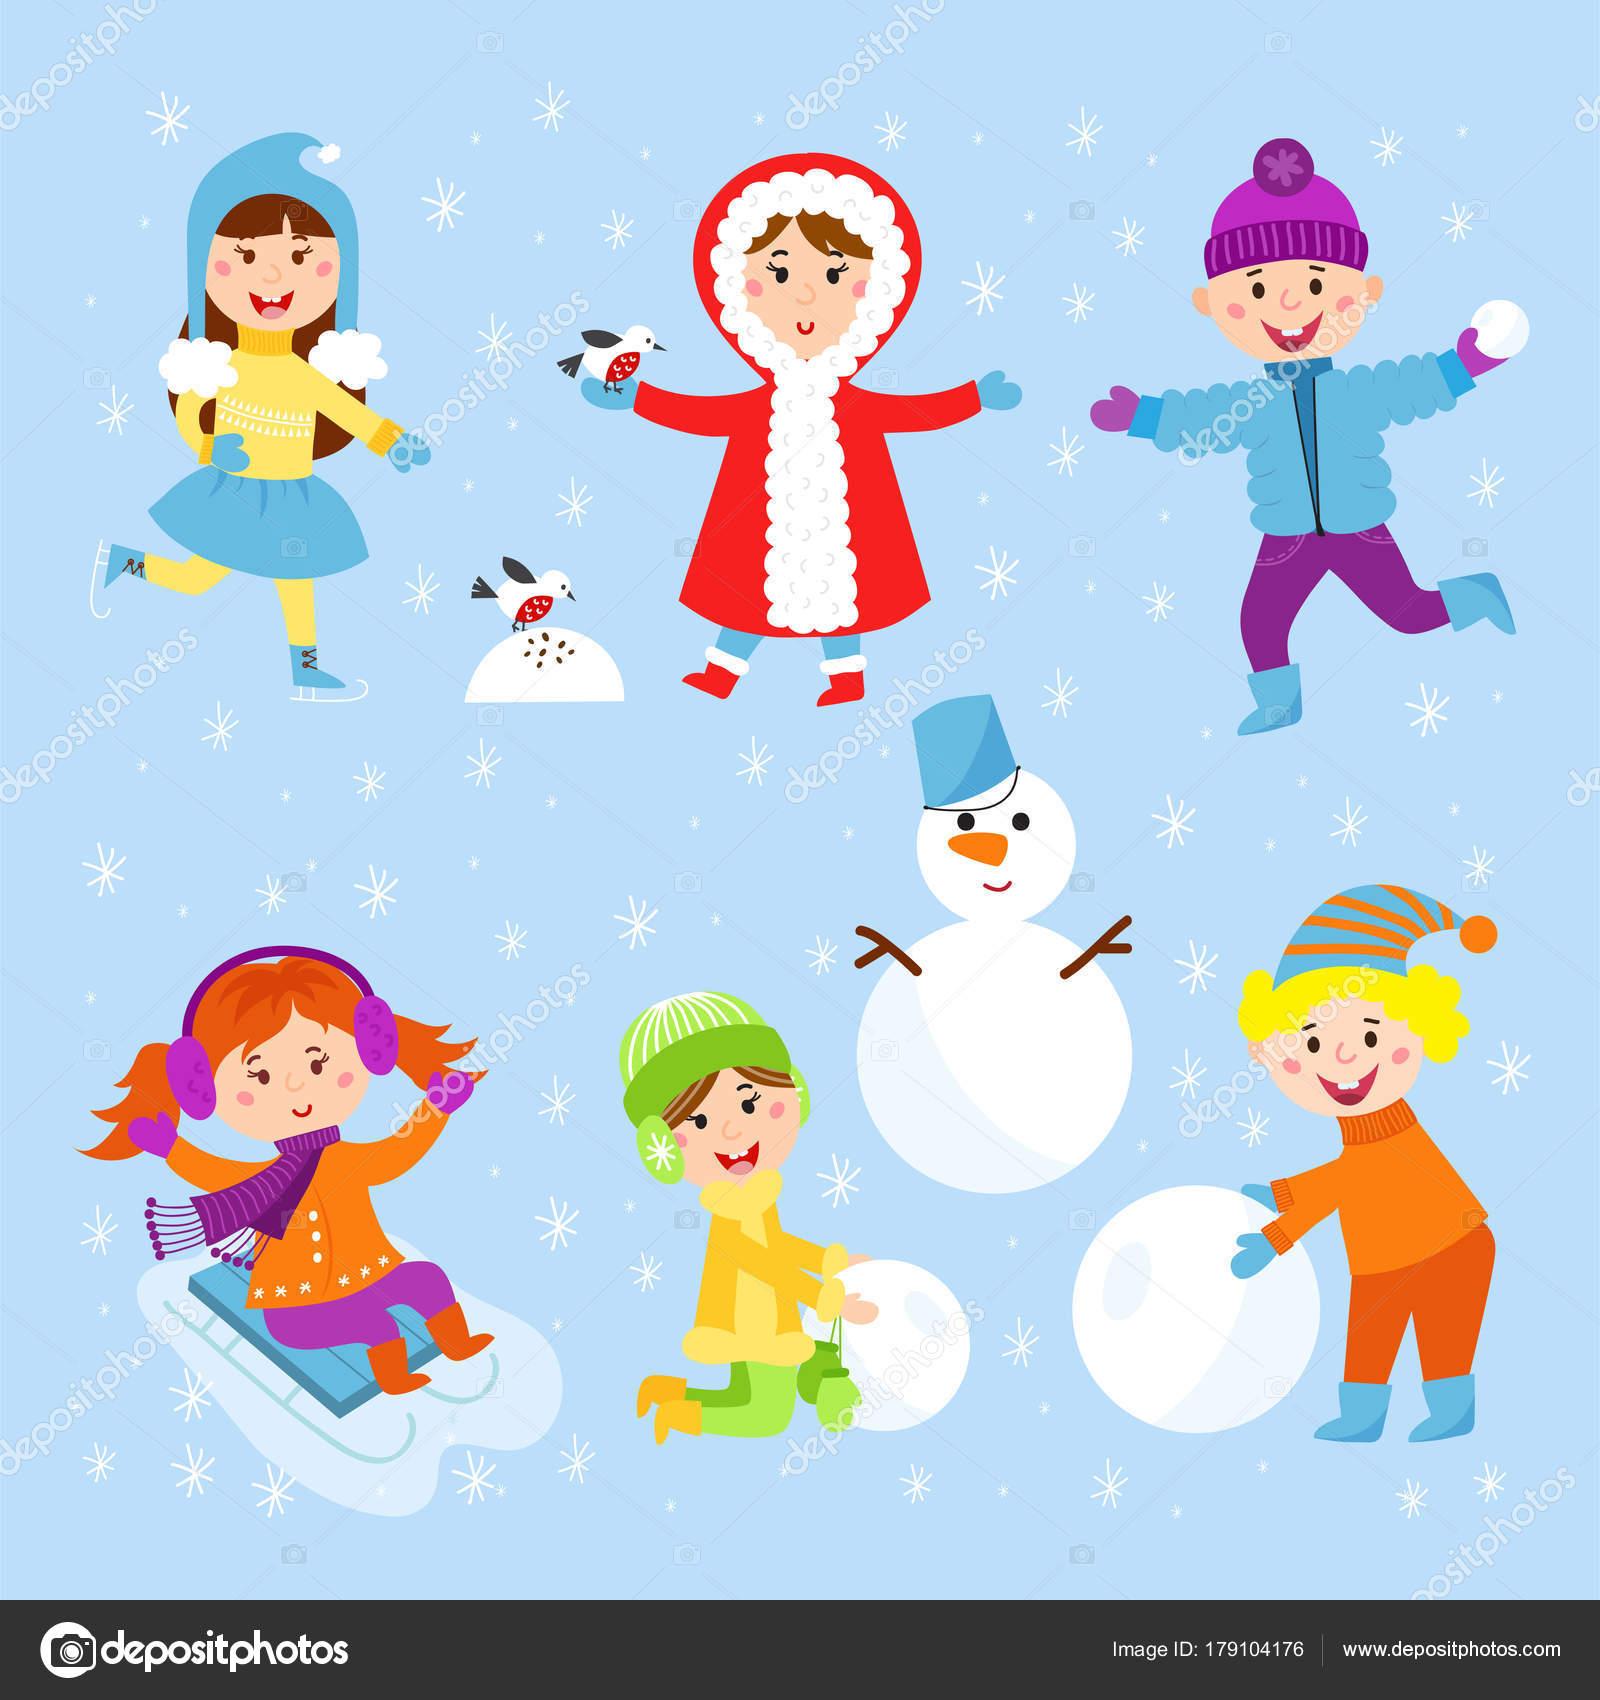 Dibujos Nino Jugando En La Nieve Dibujo Navidad Ninos Jugando A